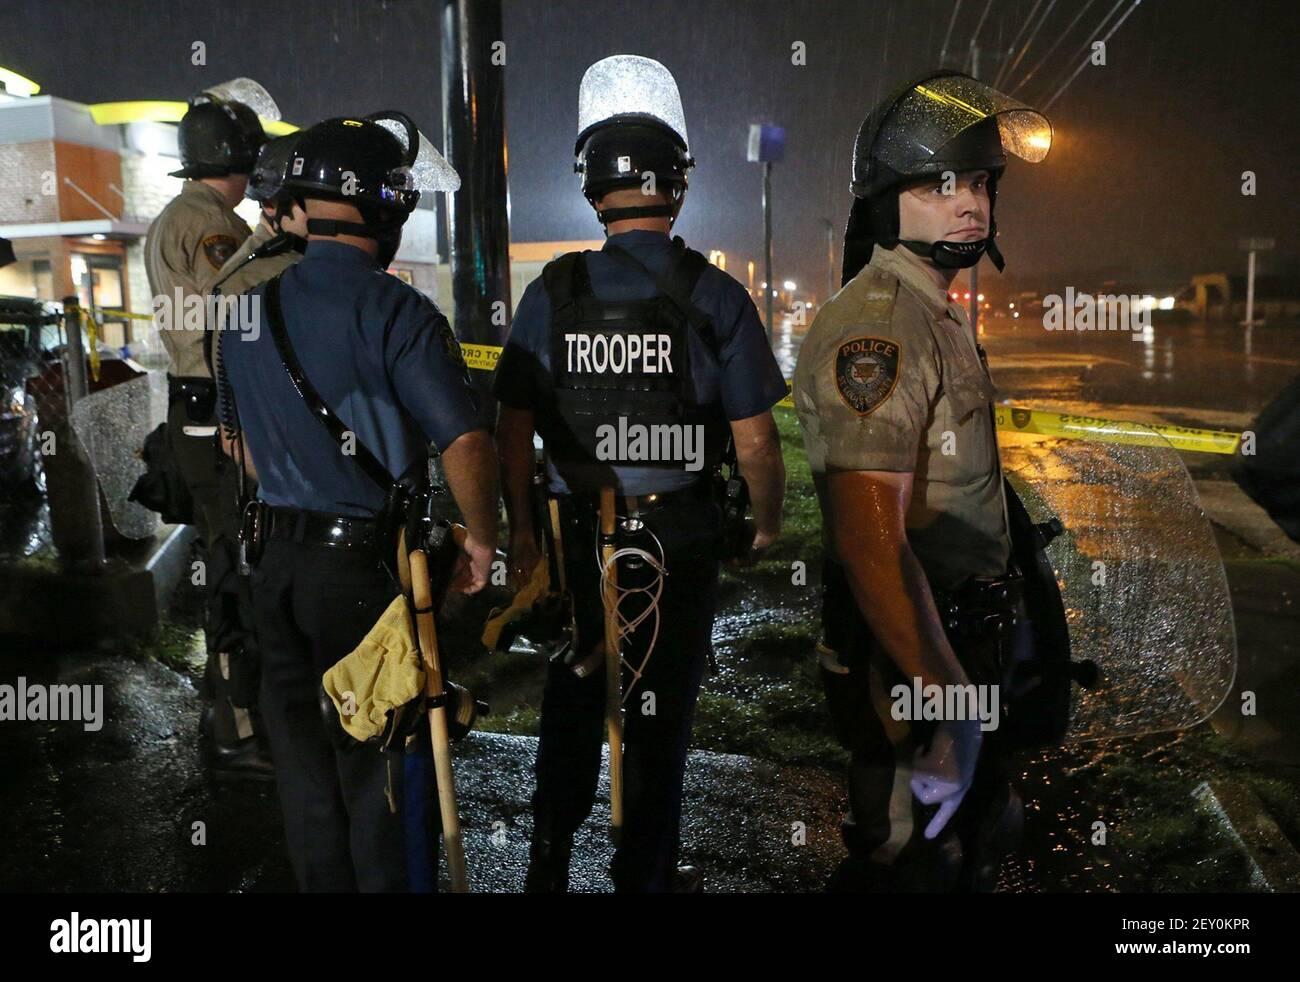 Los oficiales de la Patrulla de carreteras de Missouri y la policía del condado de St. Louis están listos bajo la lluvia junto al McDonald's en West Florissant Avenue en Ferguson, Missouri, el sábado, 16 de agosto de 2014, varios minutos después de que el toque de queda comenzara a medianoche. La mayoría de las personas en el extremo sur de West Florissant en la zona de contención cumplieron con el toque de queda. (Foto de J.B. Forbes/St Louis Post-Dispatch/MCT/Sipa USA) Foto de stock